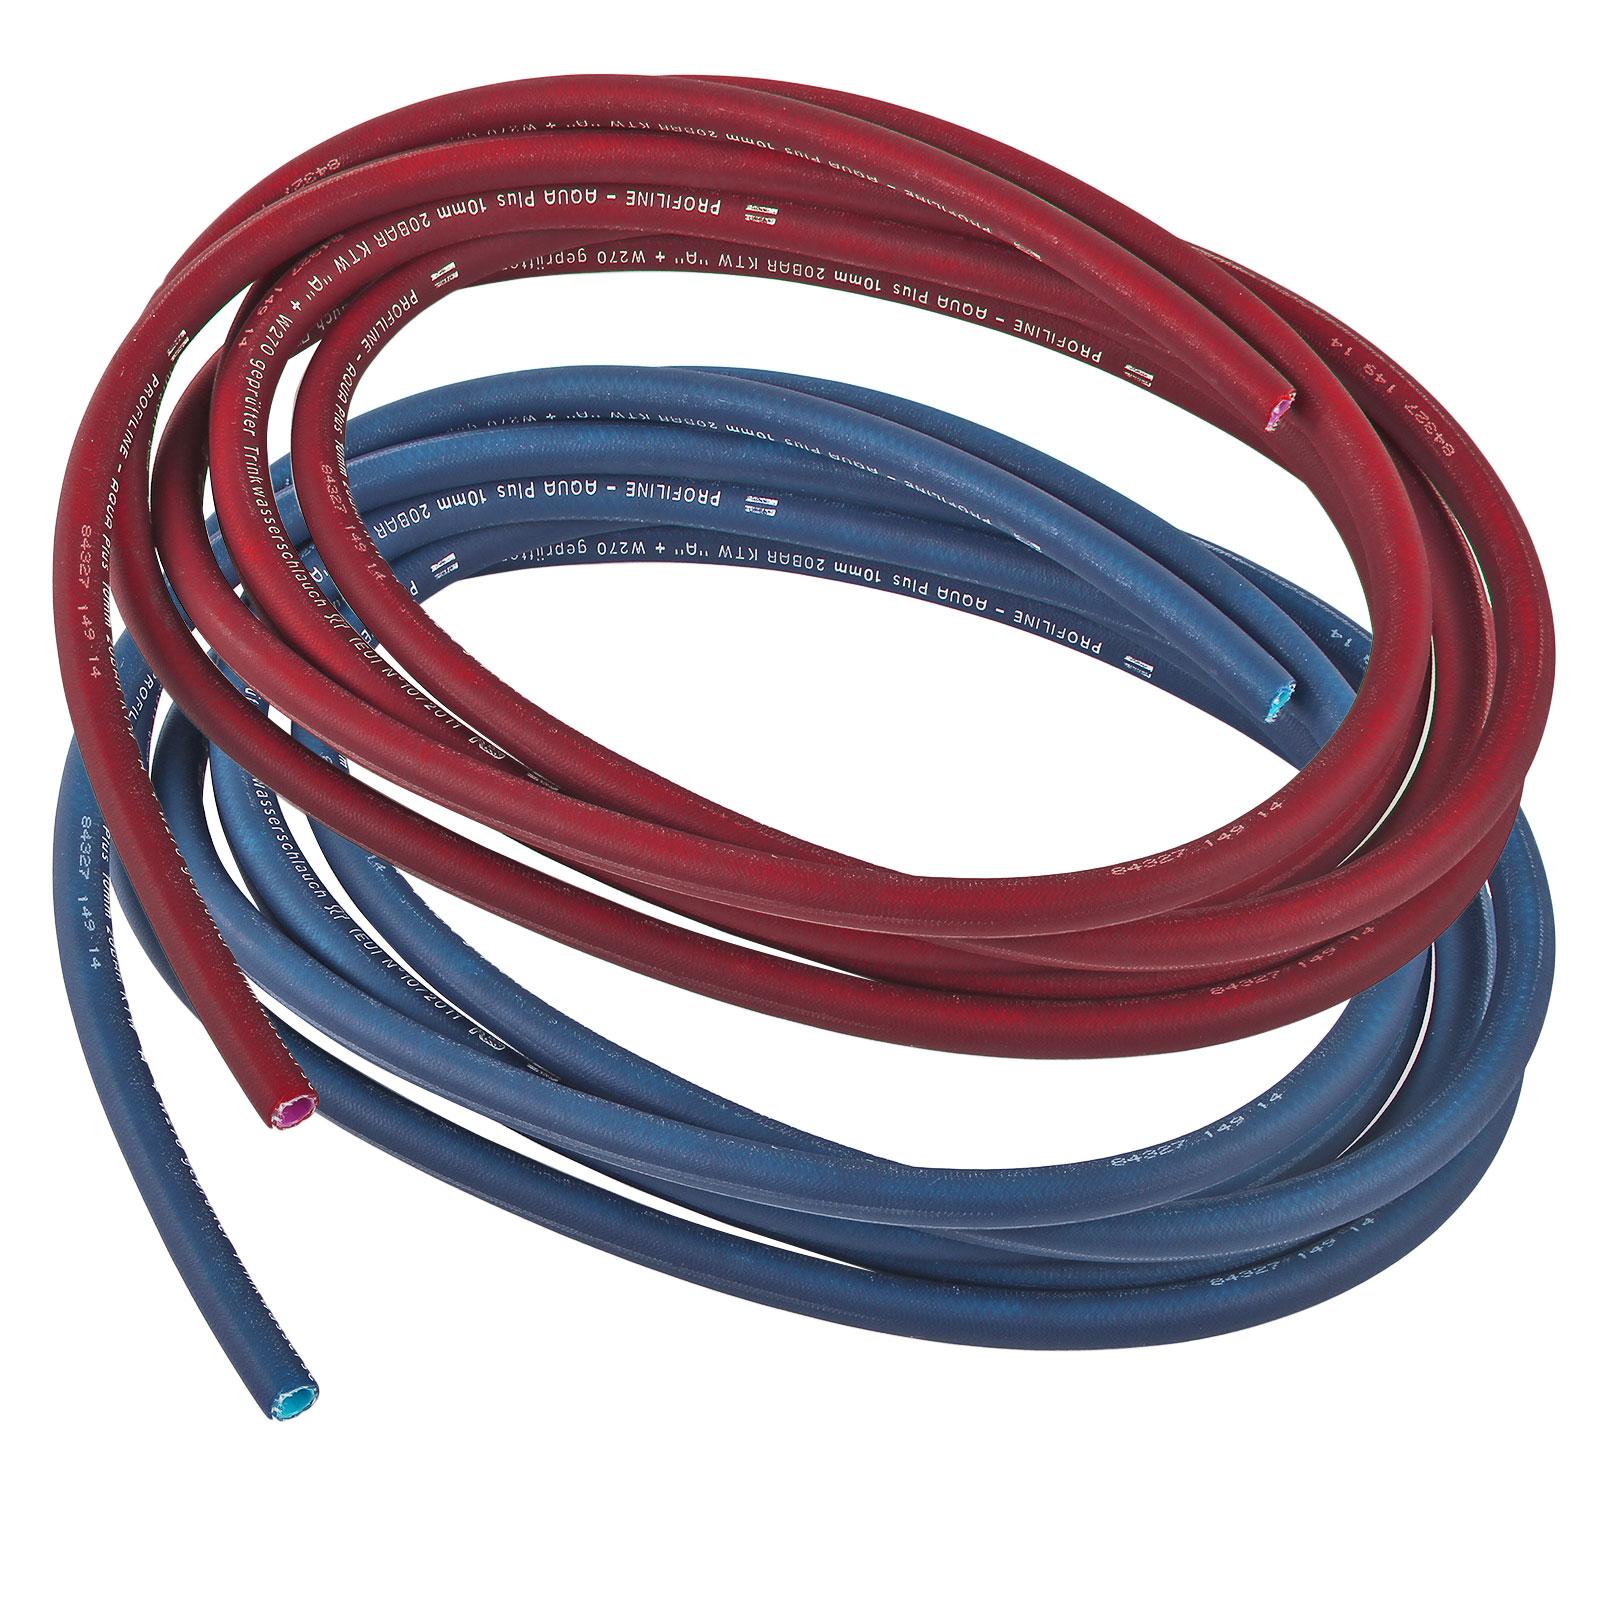 10 Meter Trinkwasserschlauch Set Rot & Blau 10 x 2,5 mm Kalt & Warmwasser